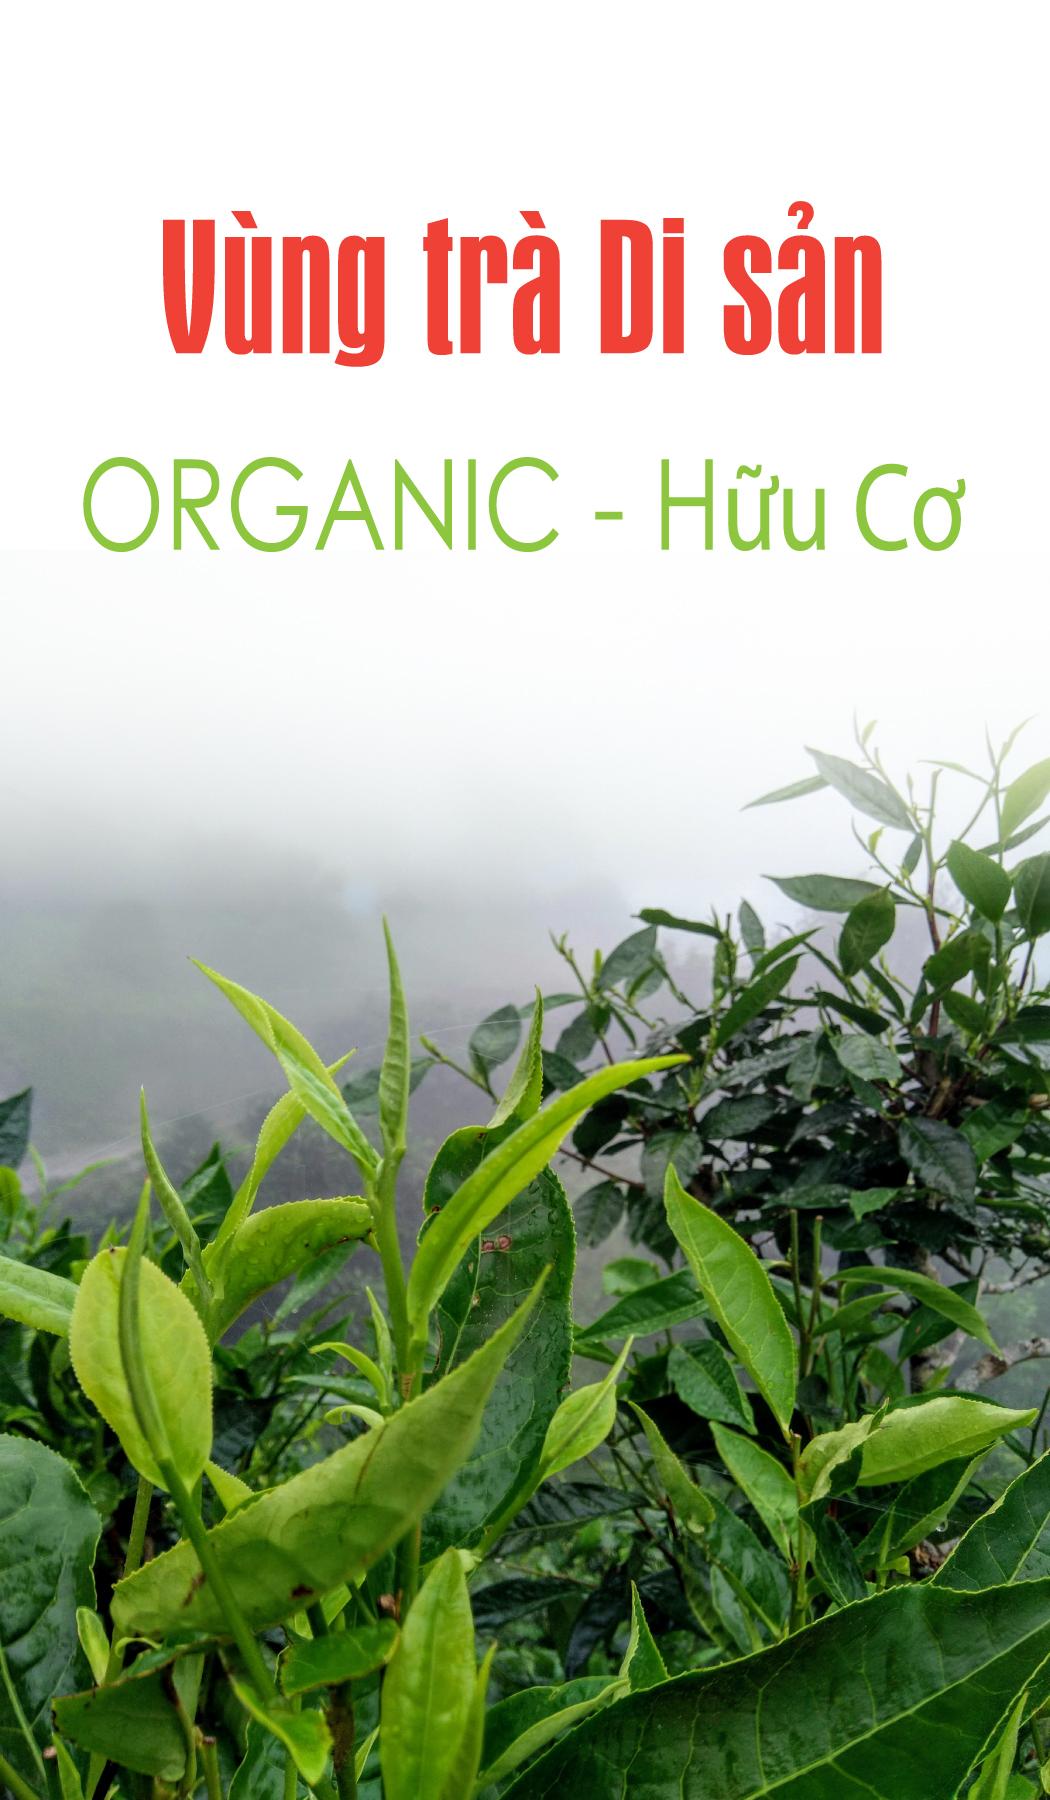 Vùng trà hữu cơ